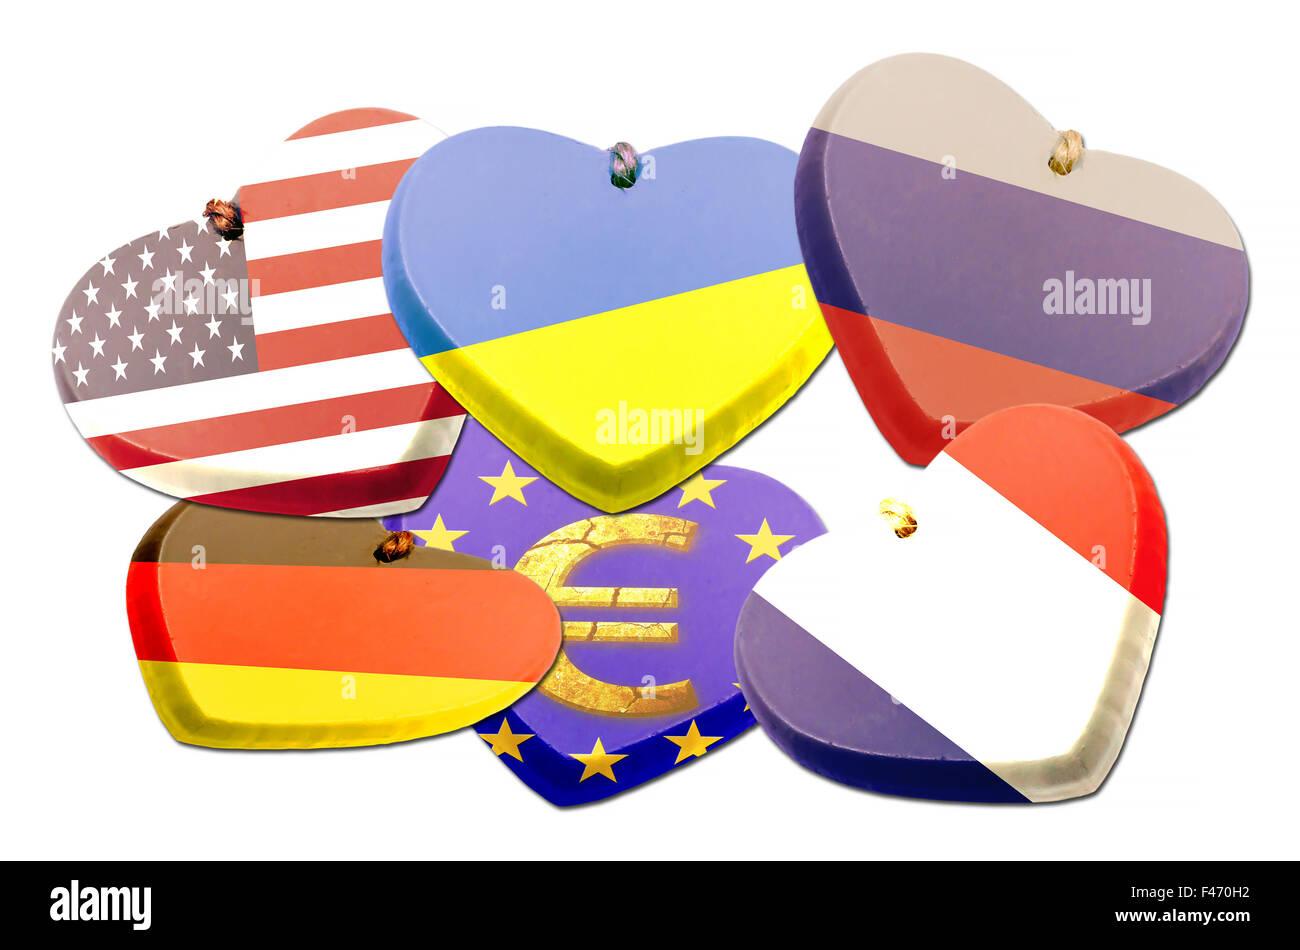 Banderas del corazón - Patriotismo - Ilustración Imagen De Stock